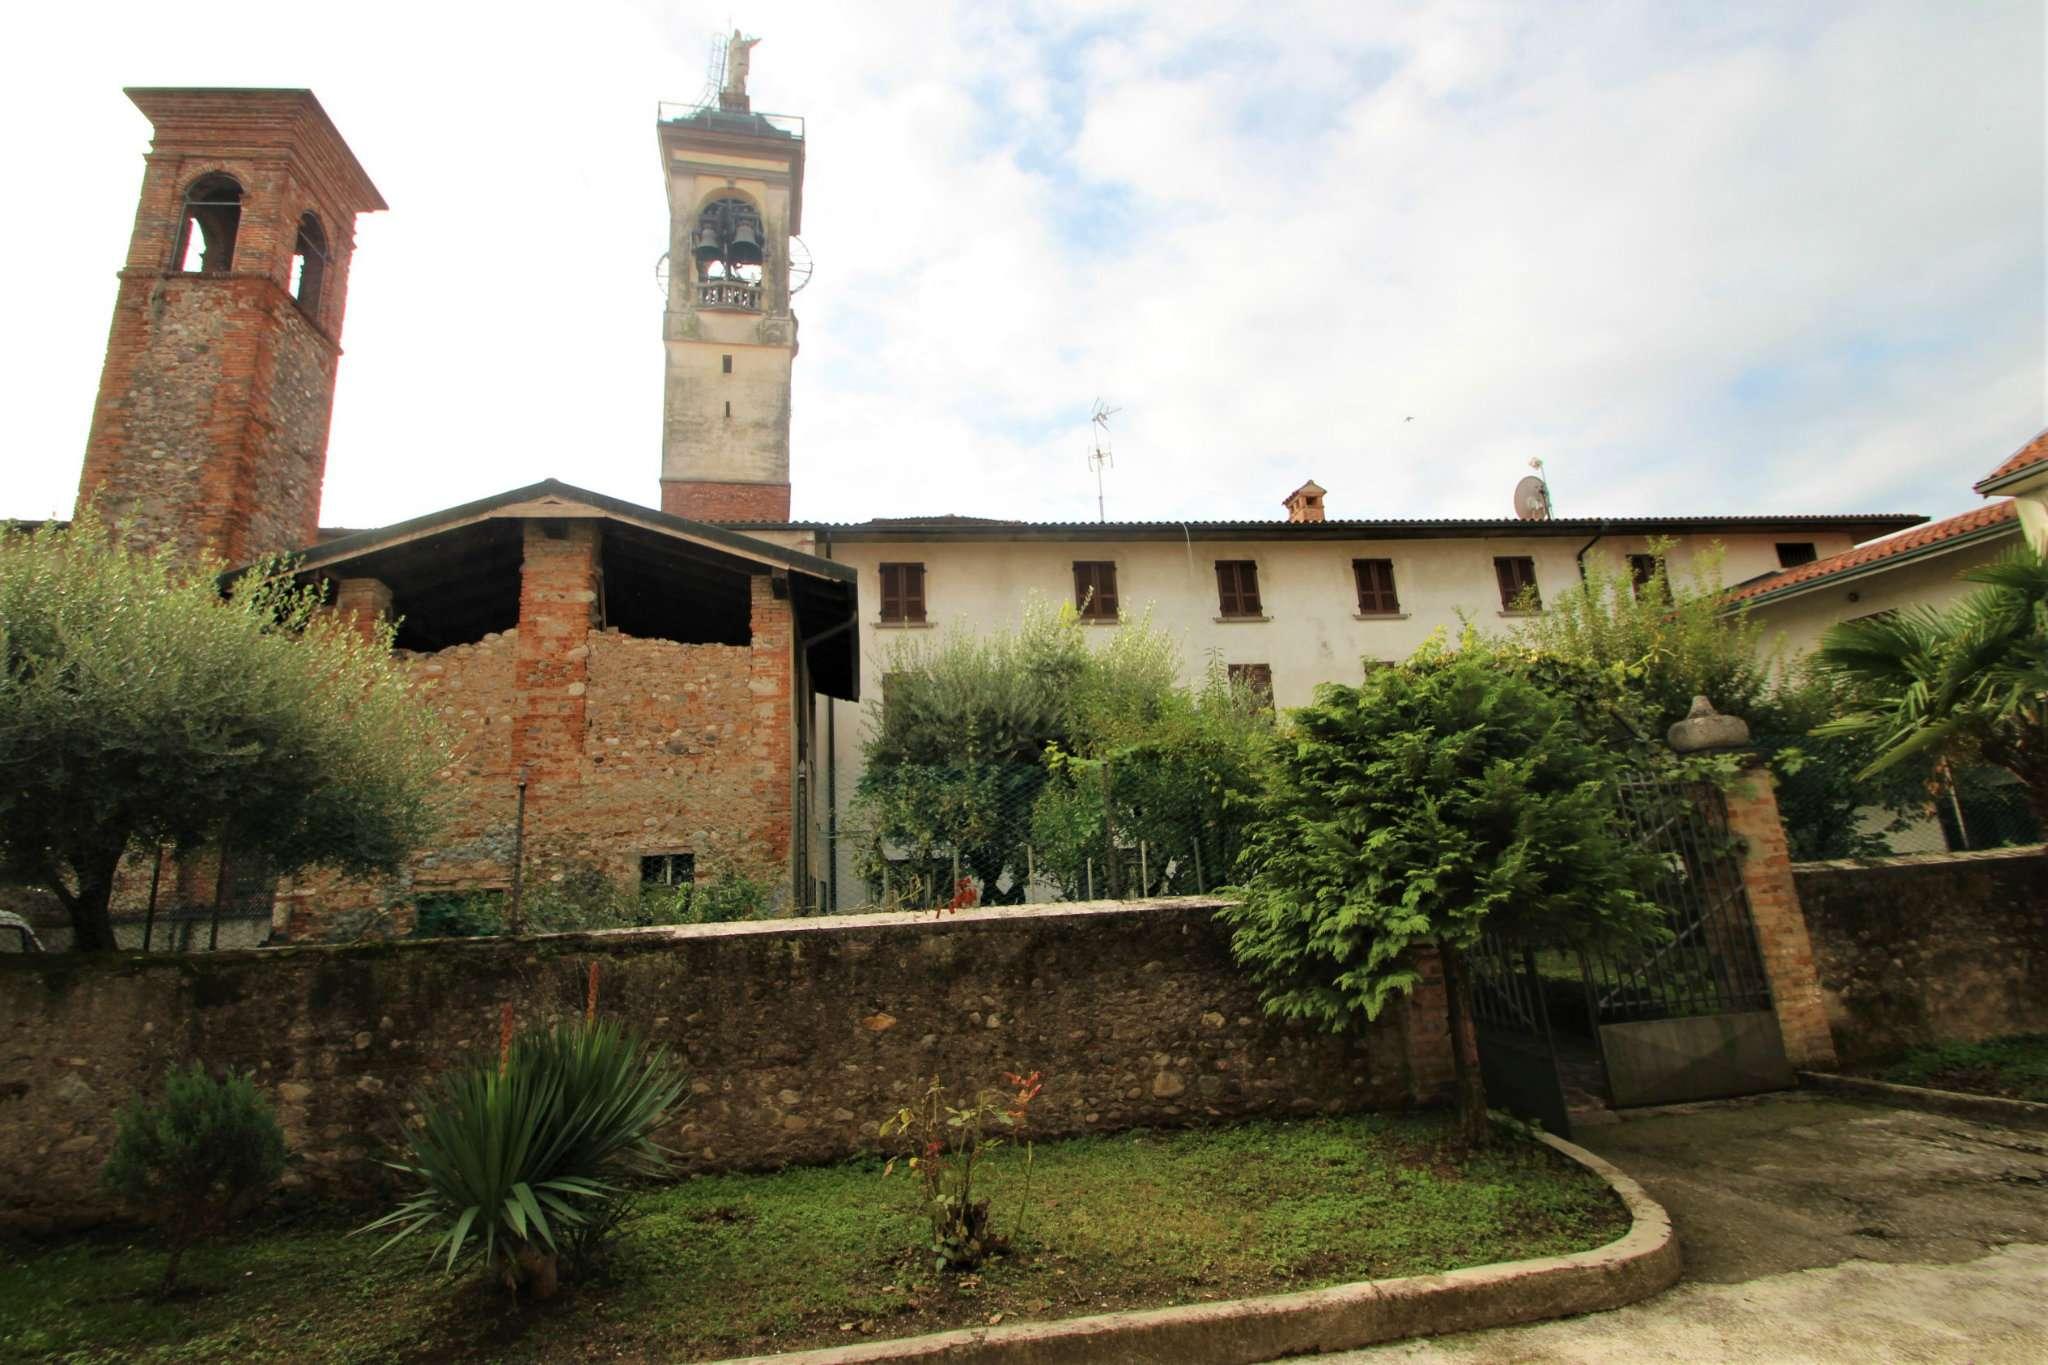 Appartamento in vendita a Cividate al Piano, 5 locali, prezzo € 110.000 | PortaleAgenzieImmobiliari.it